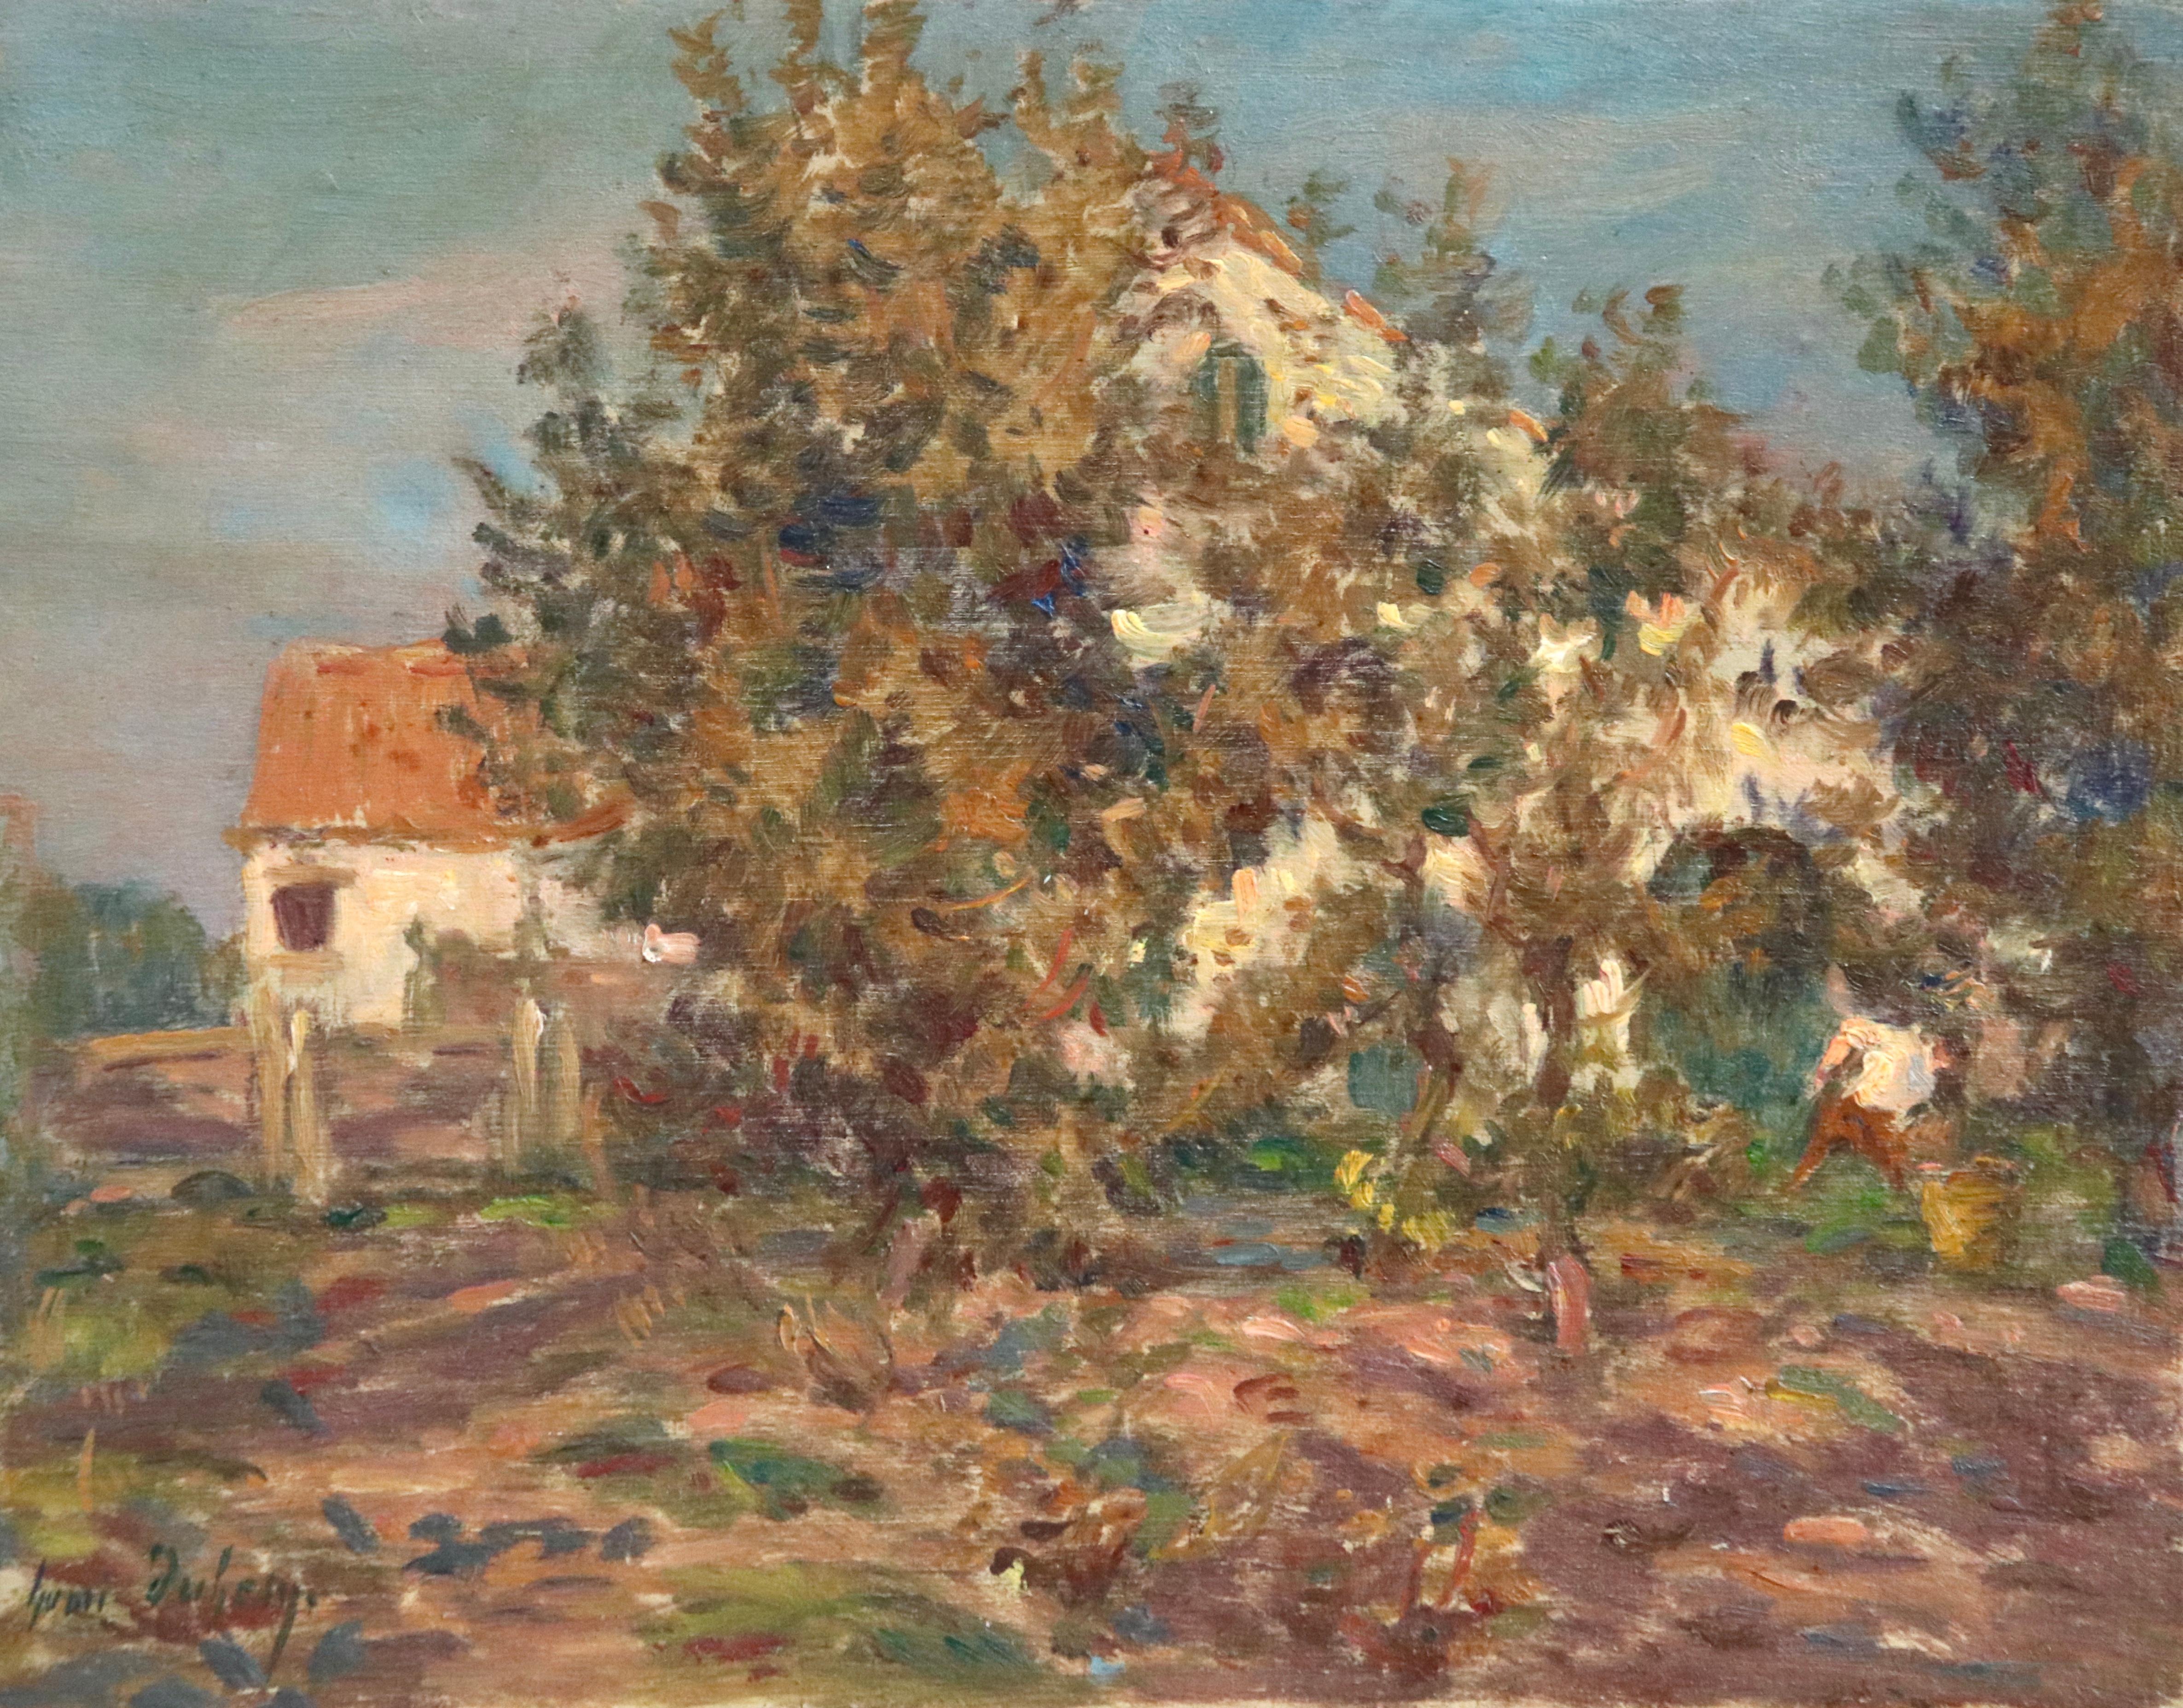 Tending the Garden - 19th Century Oil, Figure by Cottage Landscape - Henri Duhem